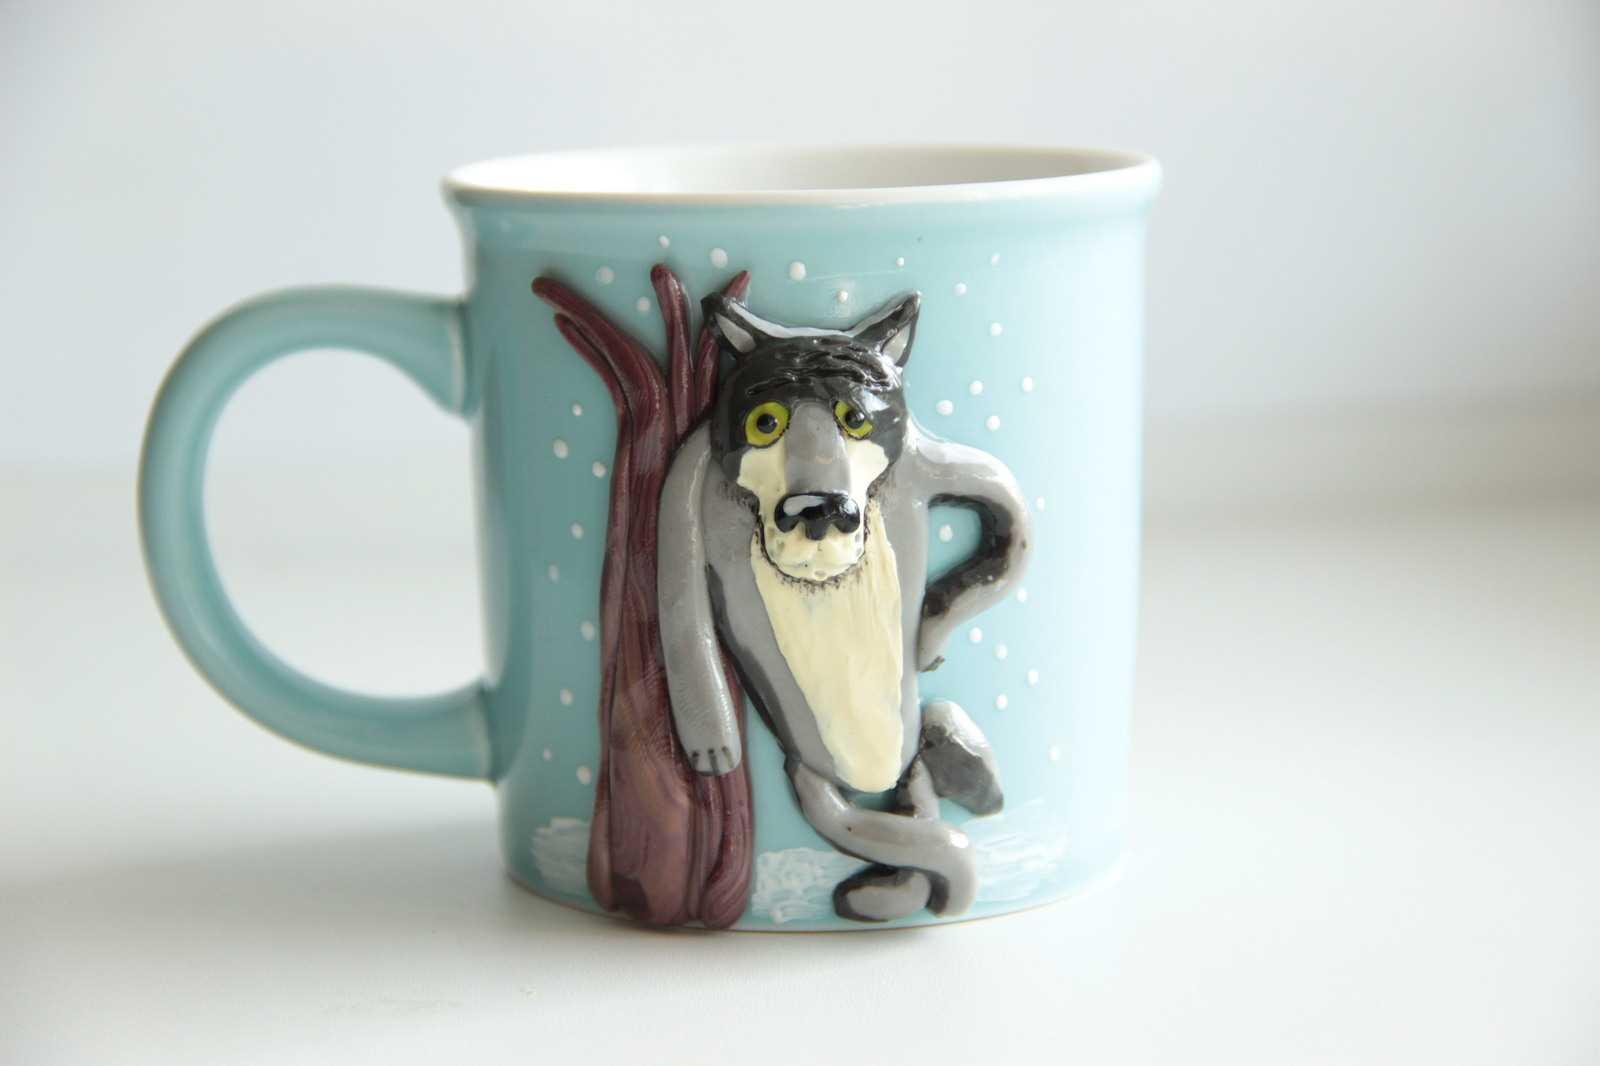 кружка для кофе с волком